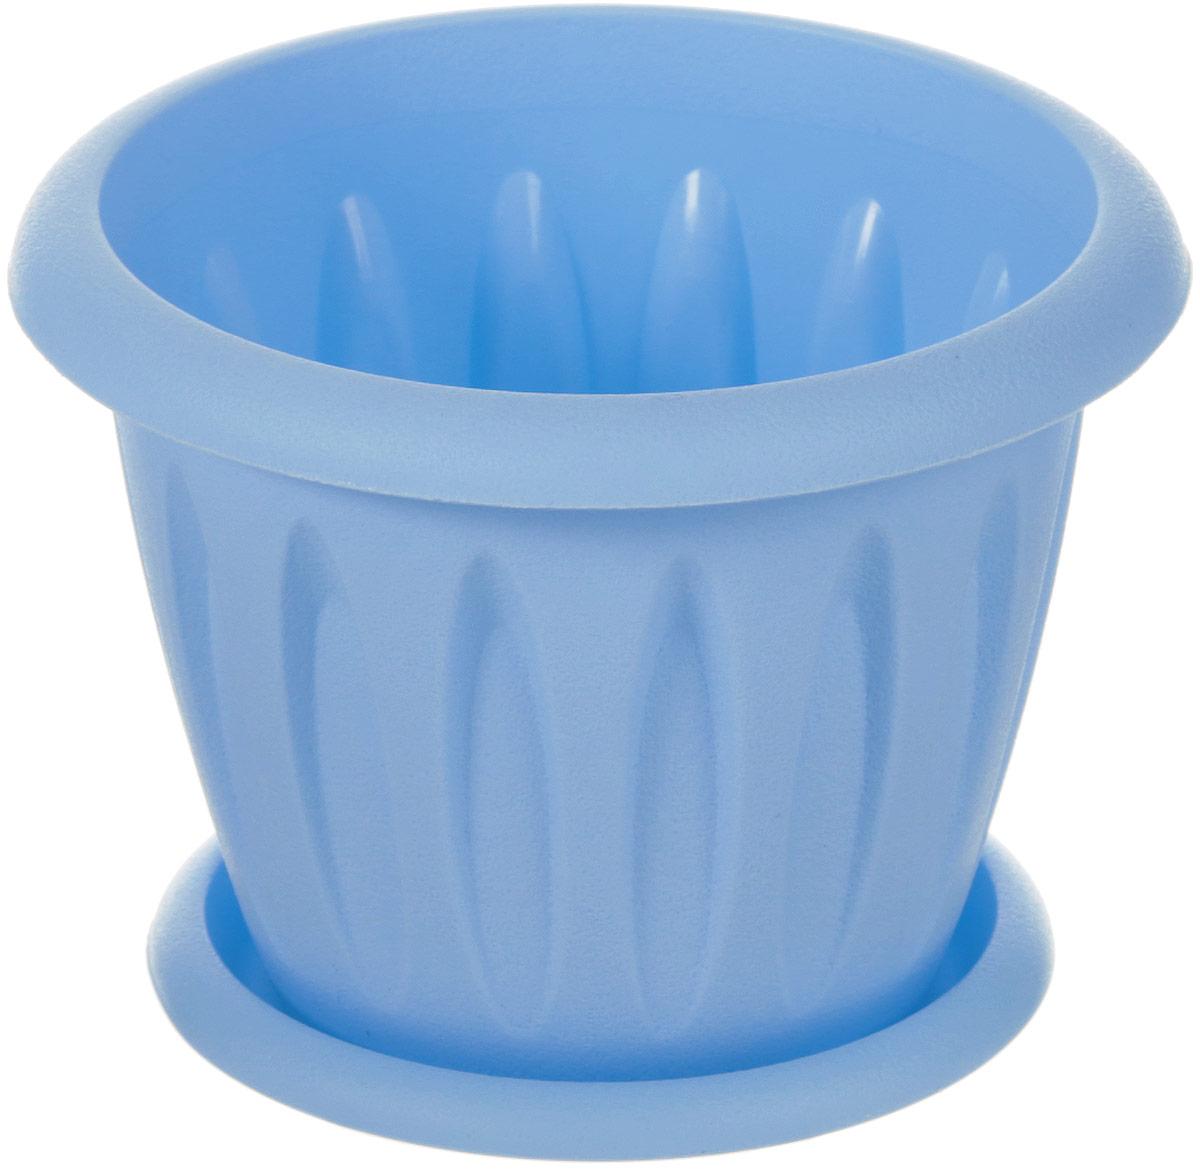 Горшок для цветов Martika Фелиция, с поддоном, цвет: голубой, 400 мл1436695_голубойЛюбой, даже самый современный и продуманный интерьер будет не завершенным без растений. Они не только очищают воздух и насыщают его кислородом, но и заметно украшают окружающее пространство. Такому полезному члену семьи просто необходим красивый и функциональный горшок. Горшок для цветов Martika Фелиция, выполненный из пластика, с легкостью переносится с места на место, его можно поставить на столик или полку, подвесить под потолок, не беспокоясь о нагрузке. Пластиковые изделия не нуждаются в специальных условиях хранения. Их легко чистить - достаточно просто сполоснуть теплой водой. Они не царапают и не загрязняют поверхности, на которых стоят. Пластик дольше хранит влагу, а значит - растение реже нуждается в поливе, а также не пропускает воздух - корневой системе растения не грозят резкие перепады температур.Внутренний диаметр горшка (по верхнему краю): 9 см.Высота горшка (с учетом поддона): 8,5 см.